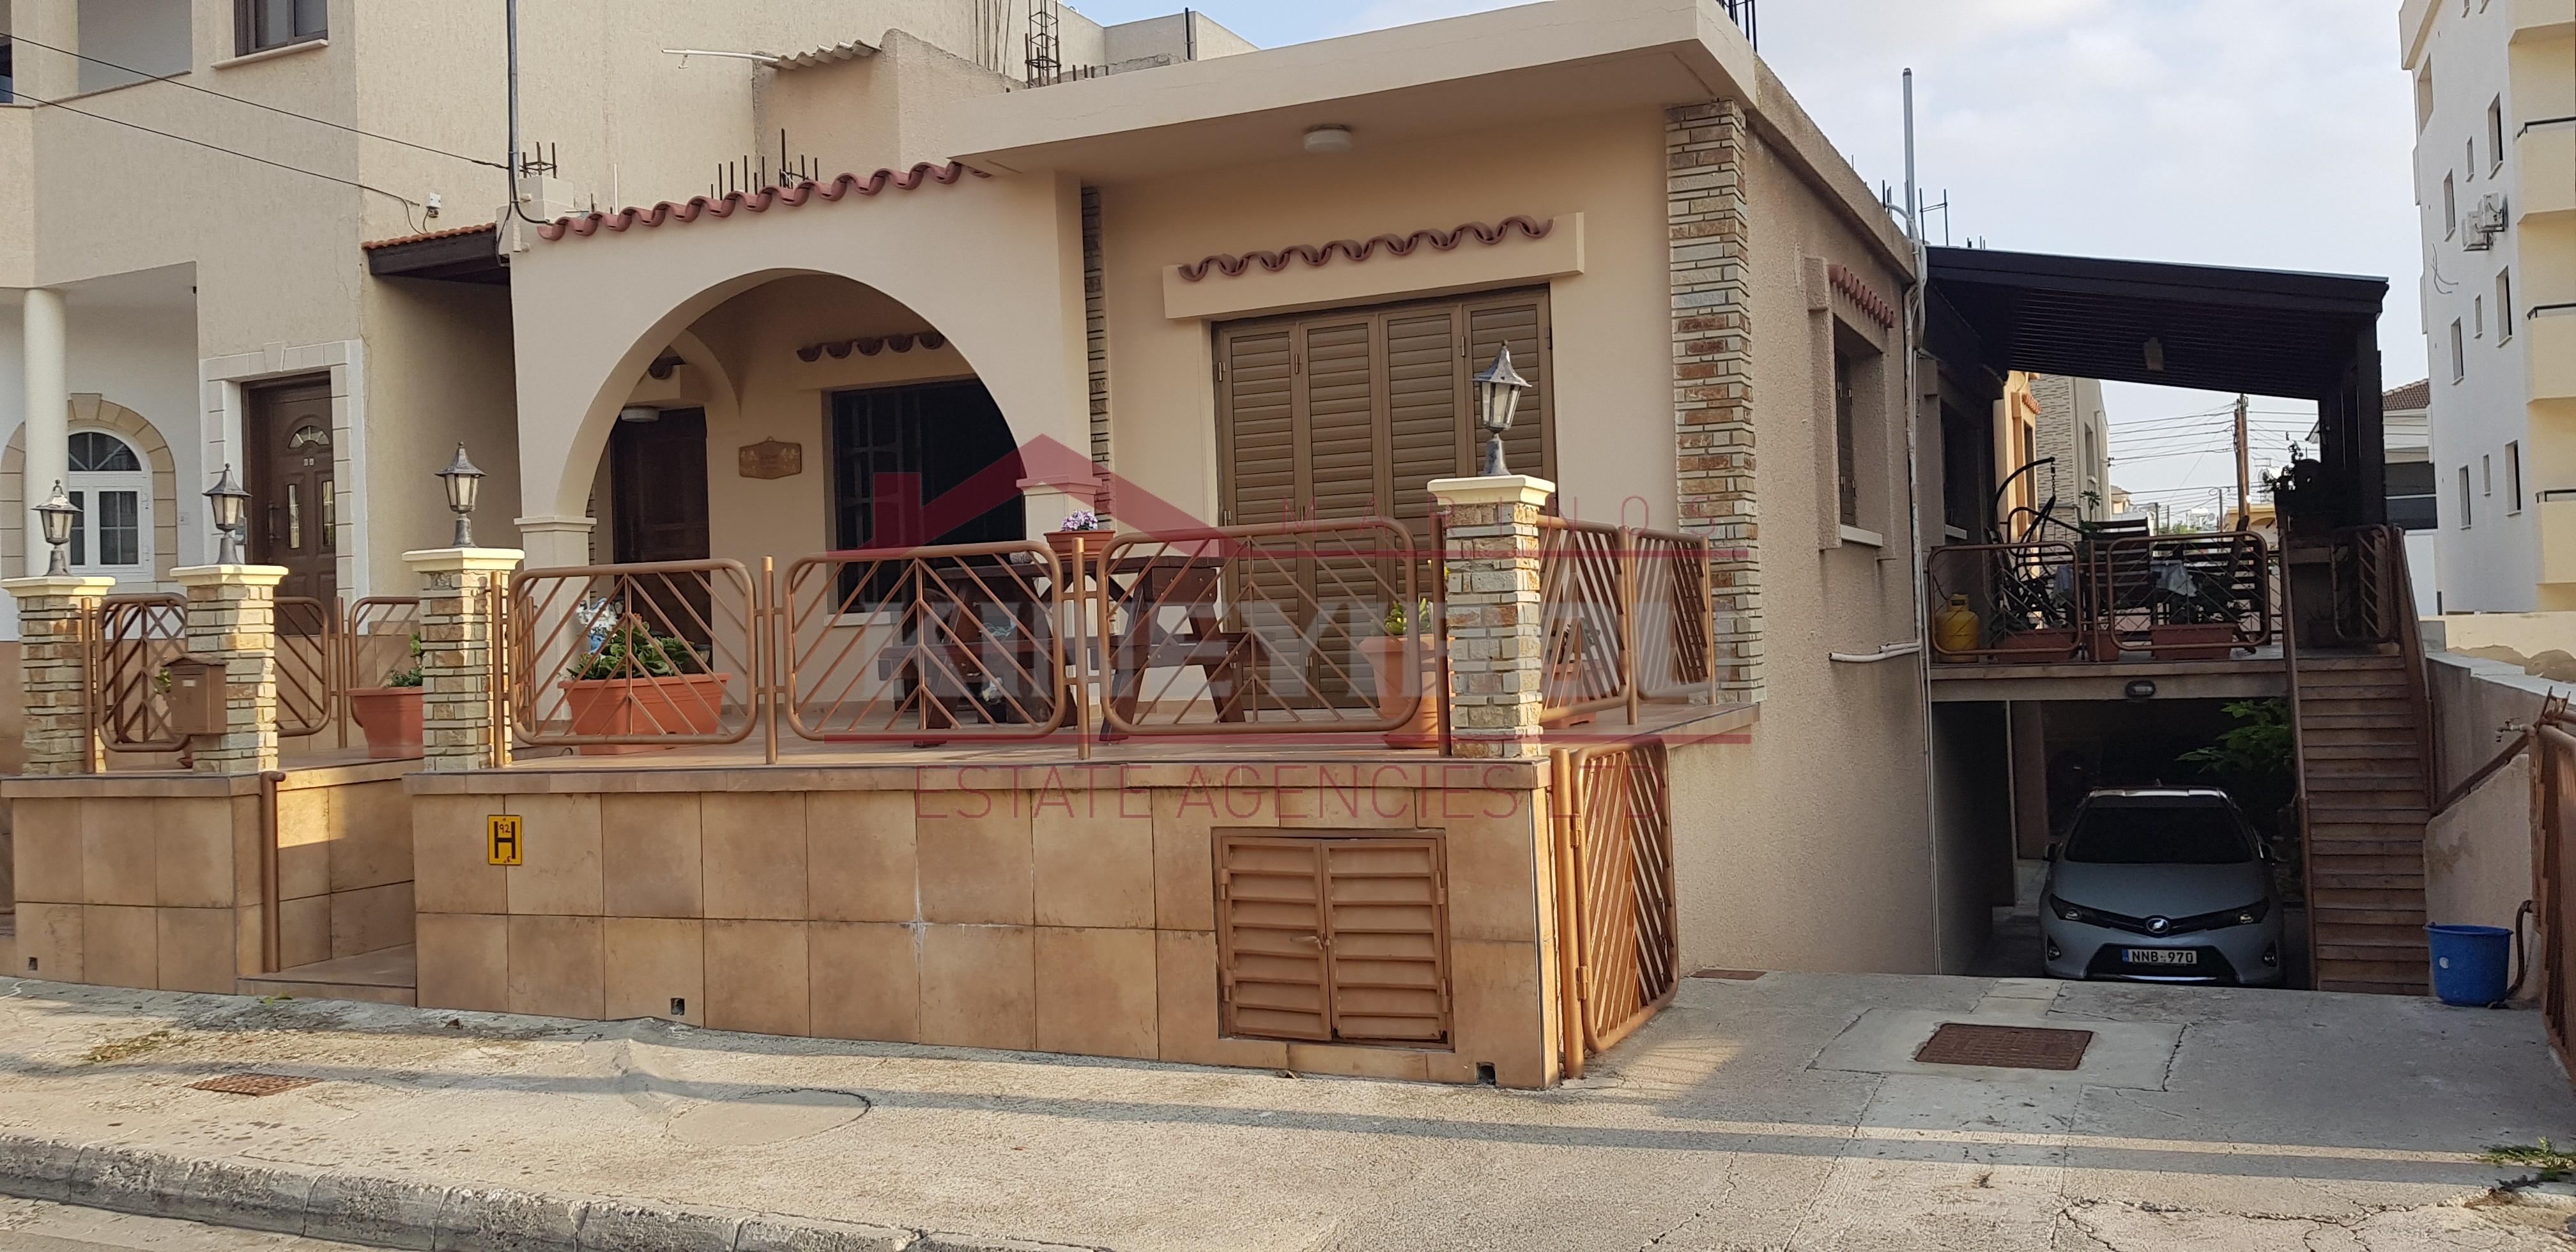 Three bedroom house near Debenhams, Larnaca